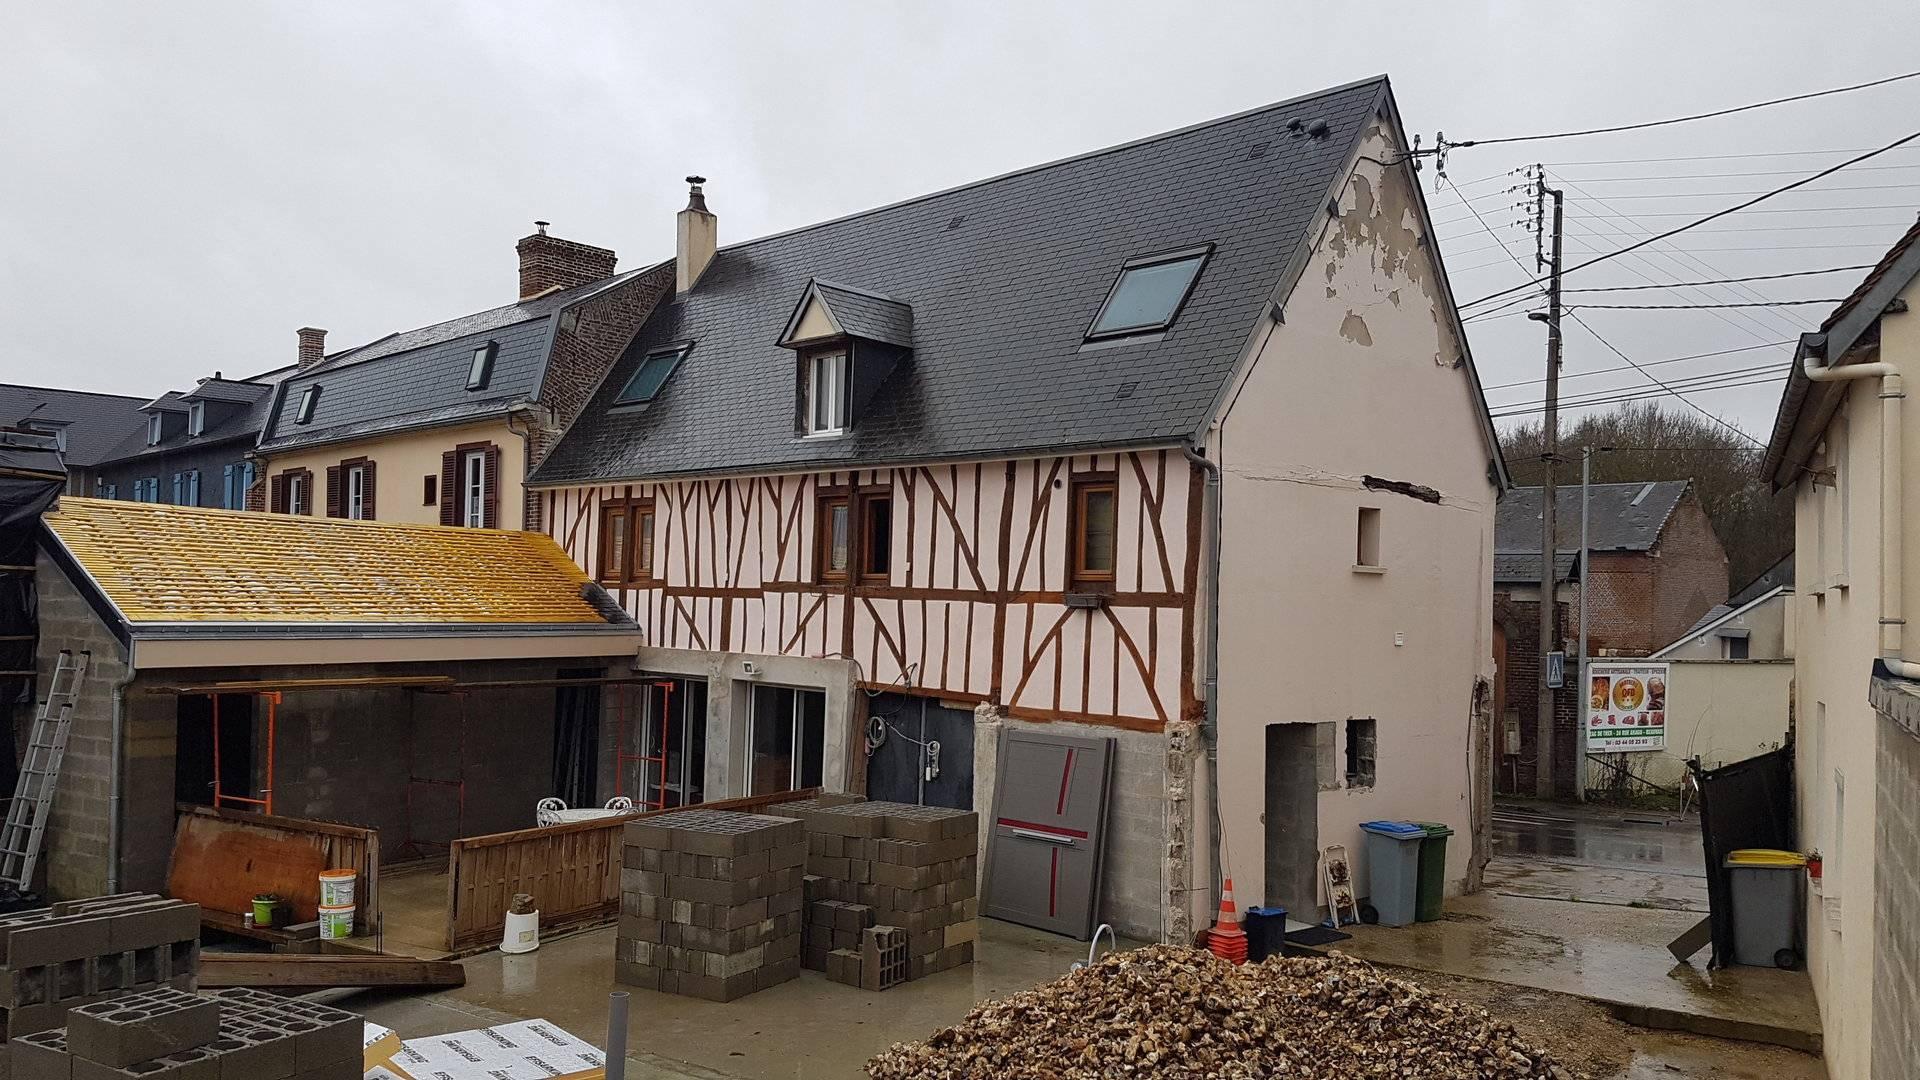 1 18 Saint-Omer-en-Chaussée